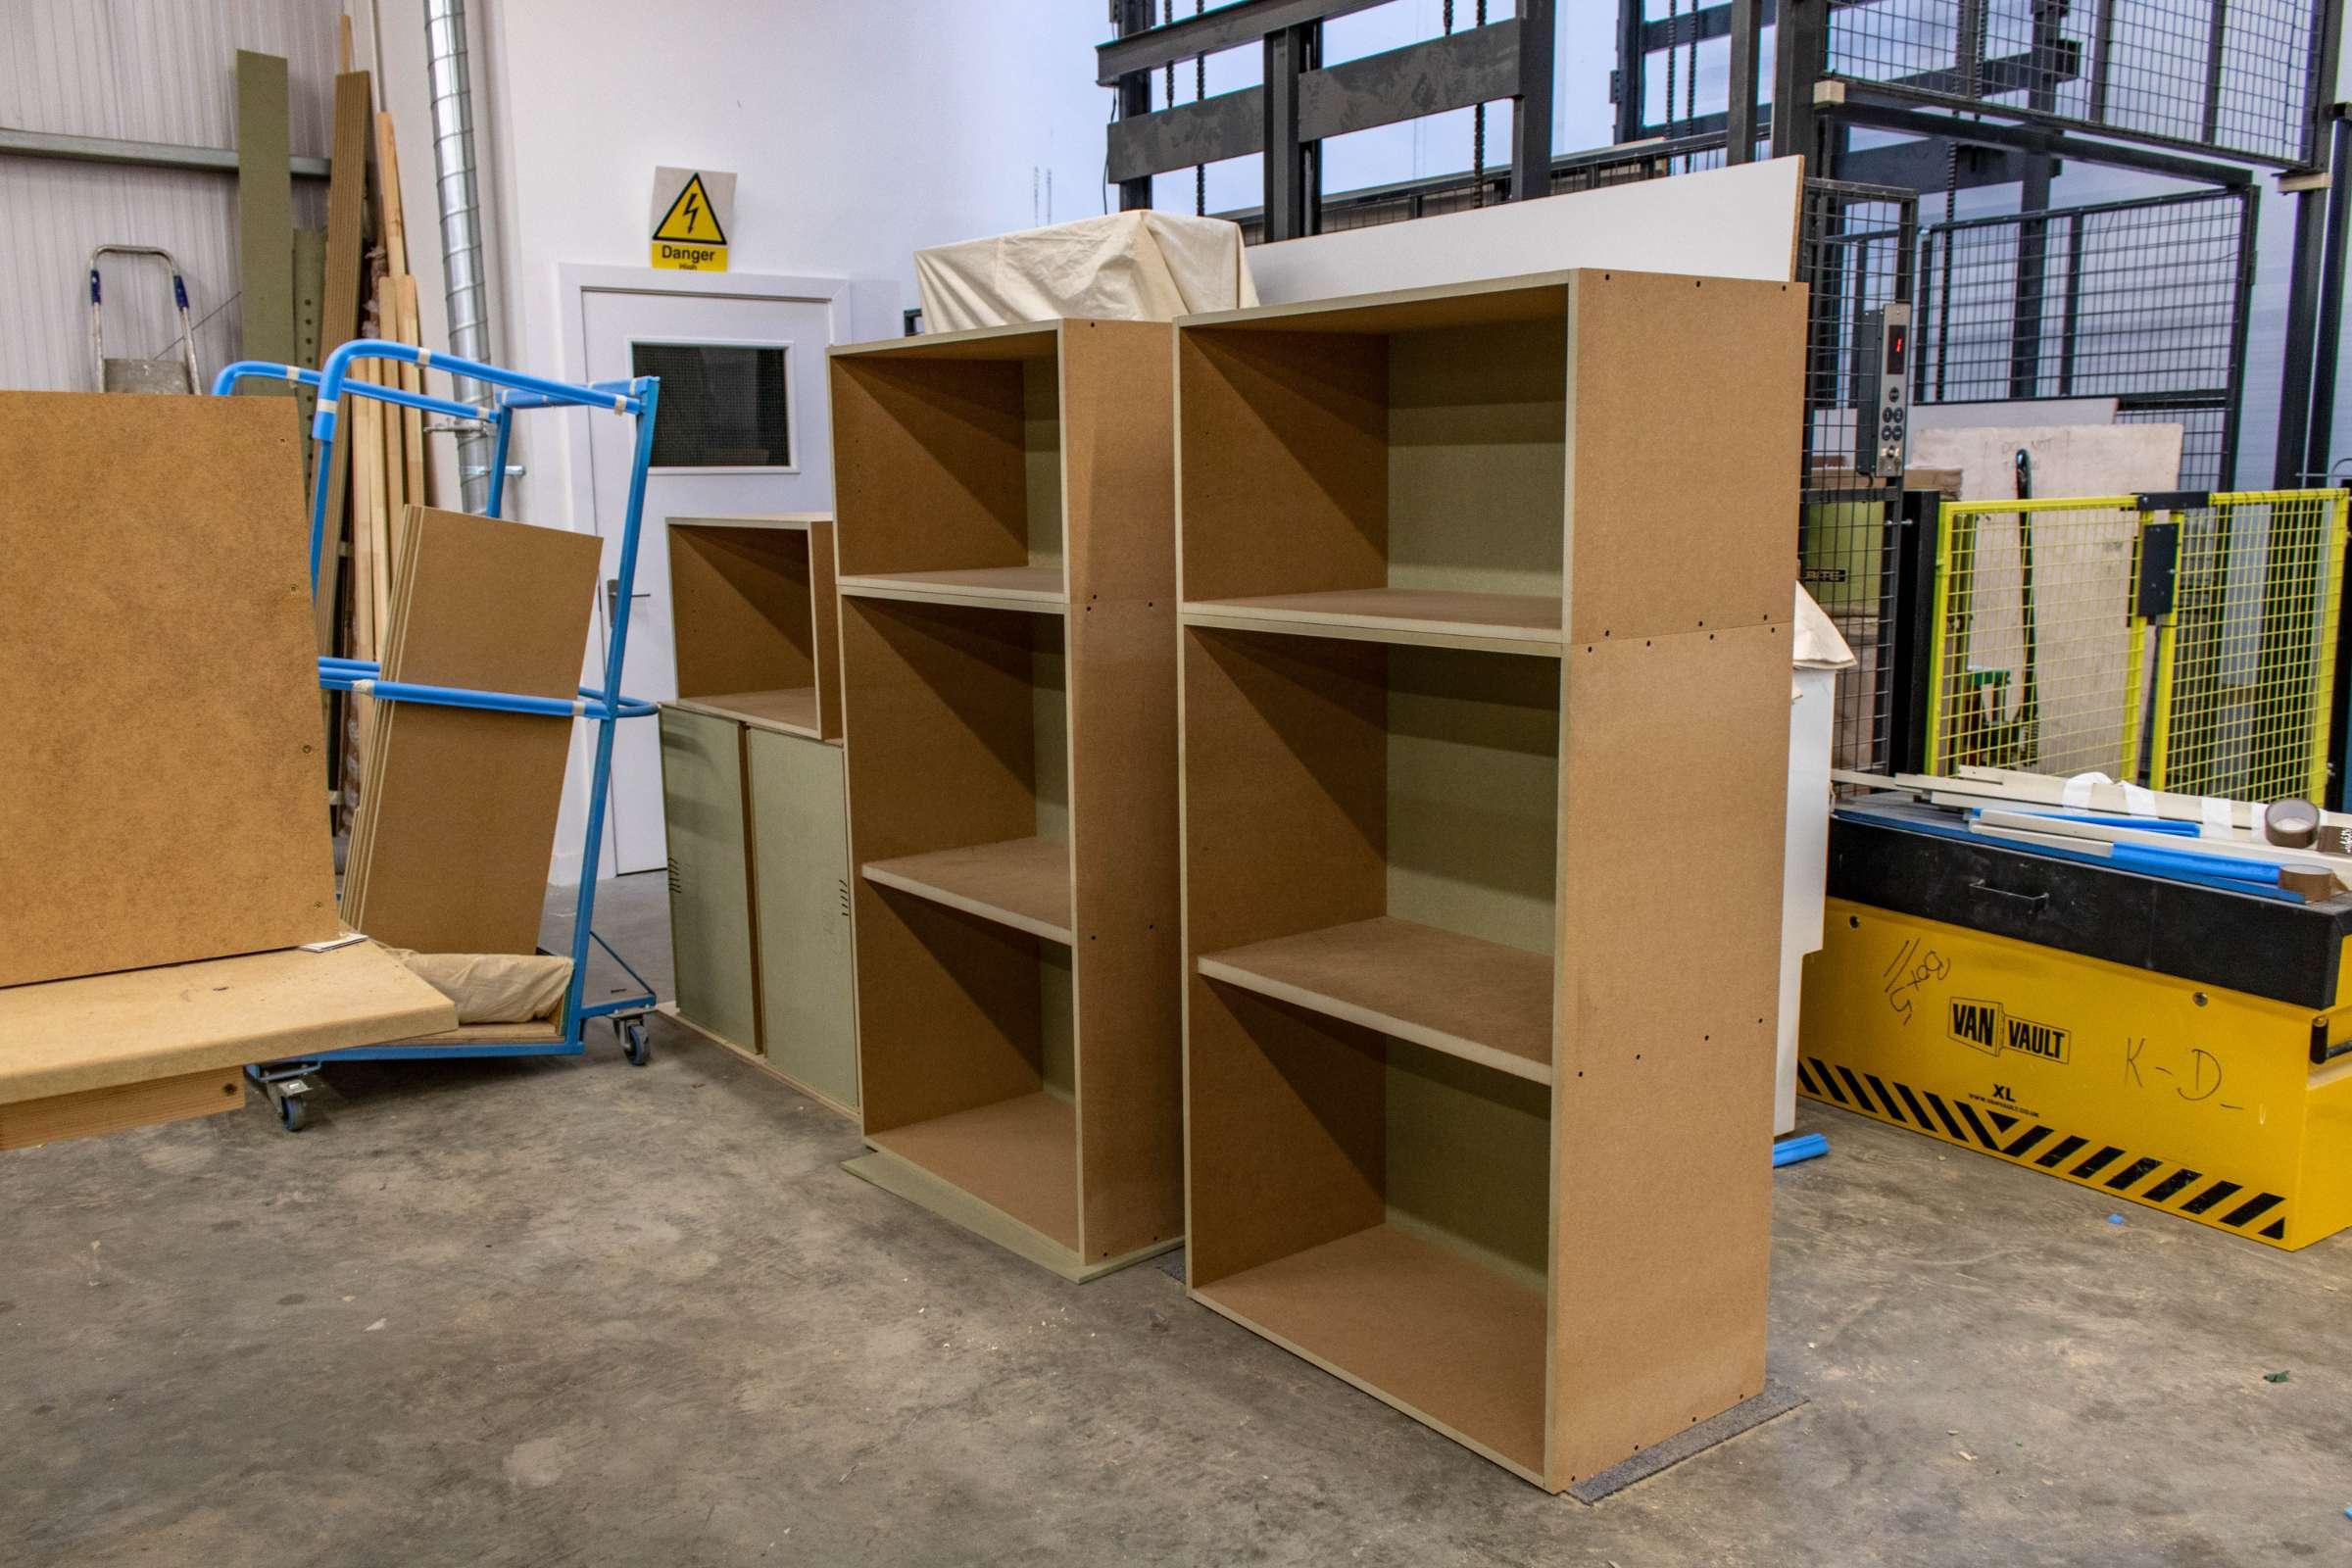 Kandd Shelves design